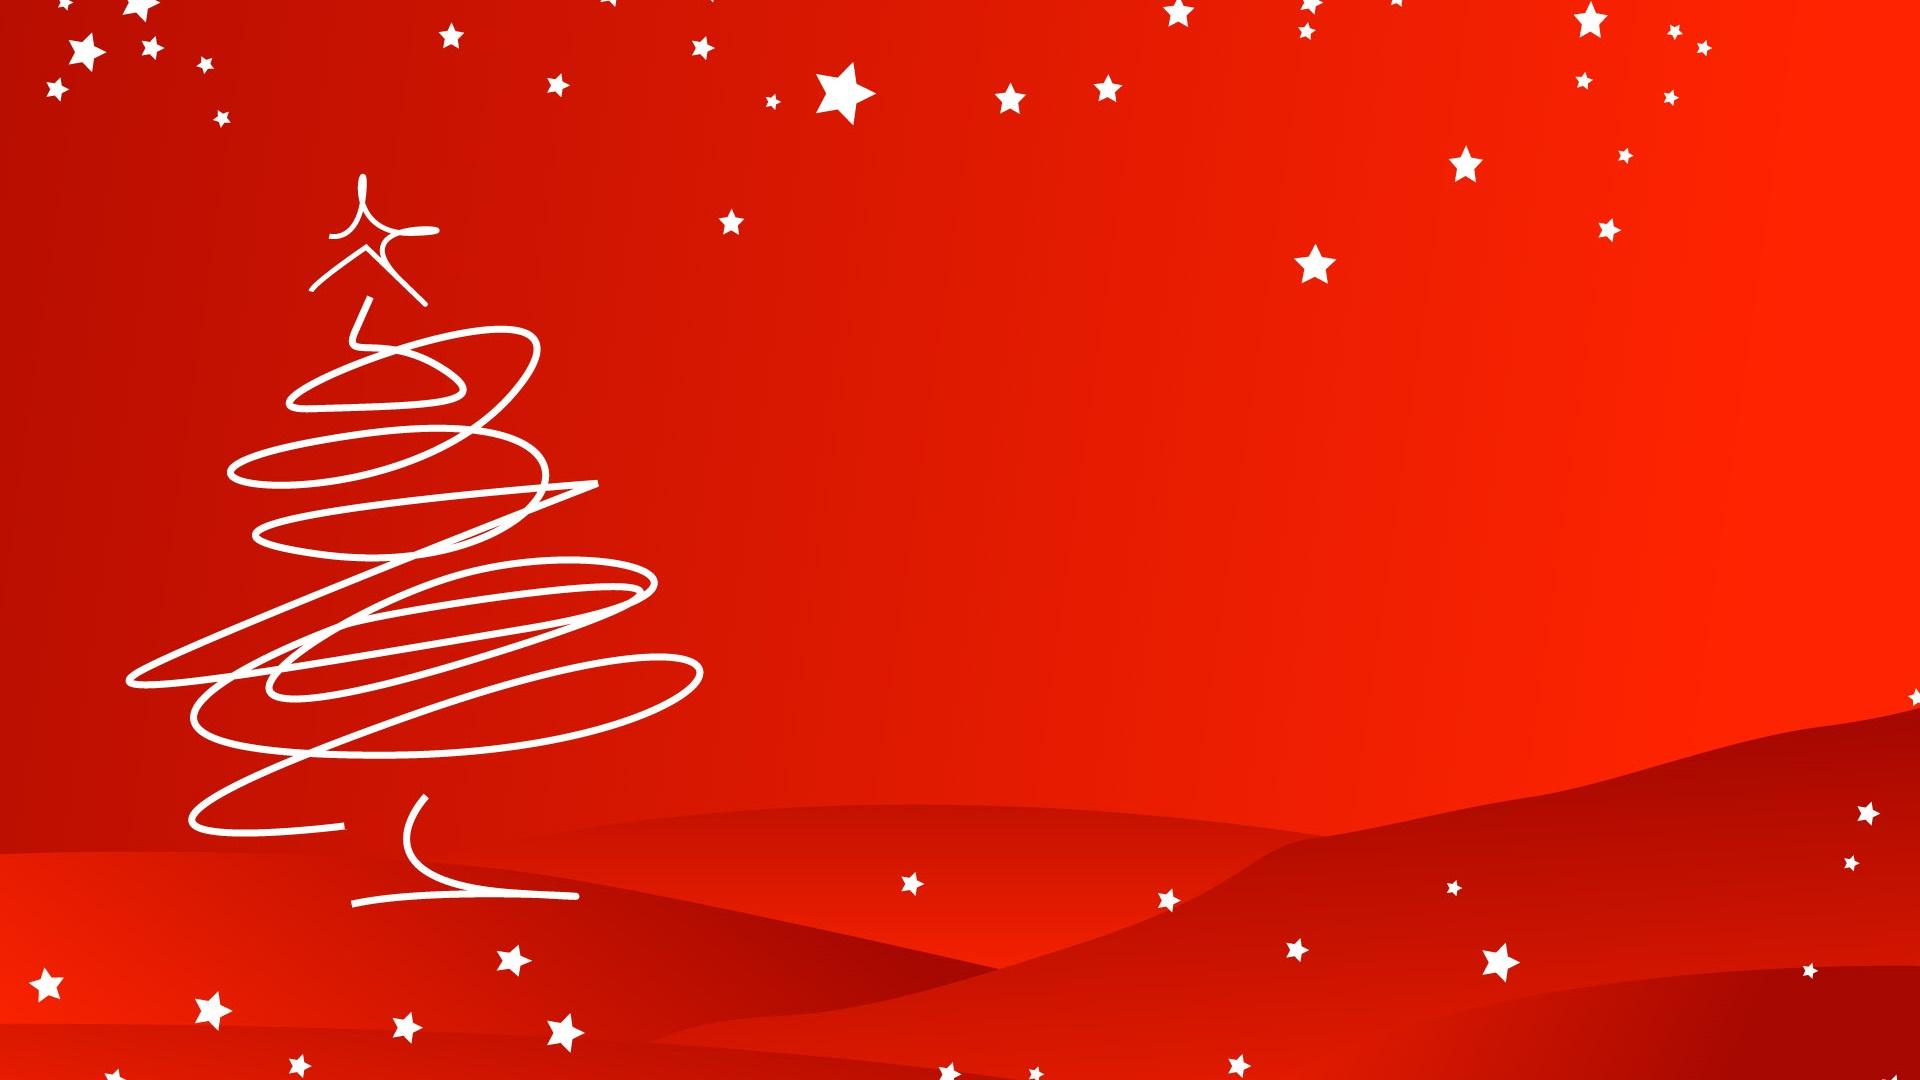 クリスマスをテーマに シンプルなスタイル 木 赤 背景 デスクトップの壁紙 19x1080 壁紙をダウンロード Ja Hdwall365 Com